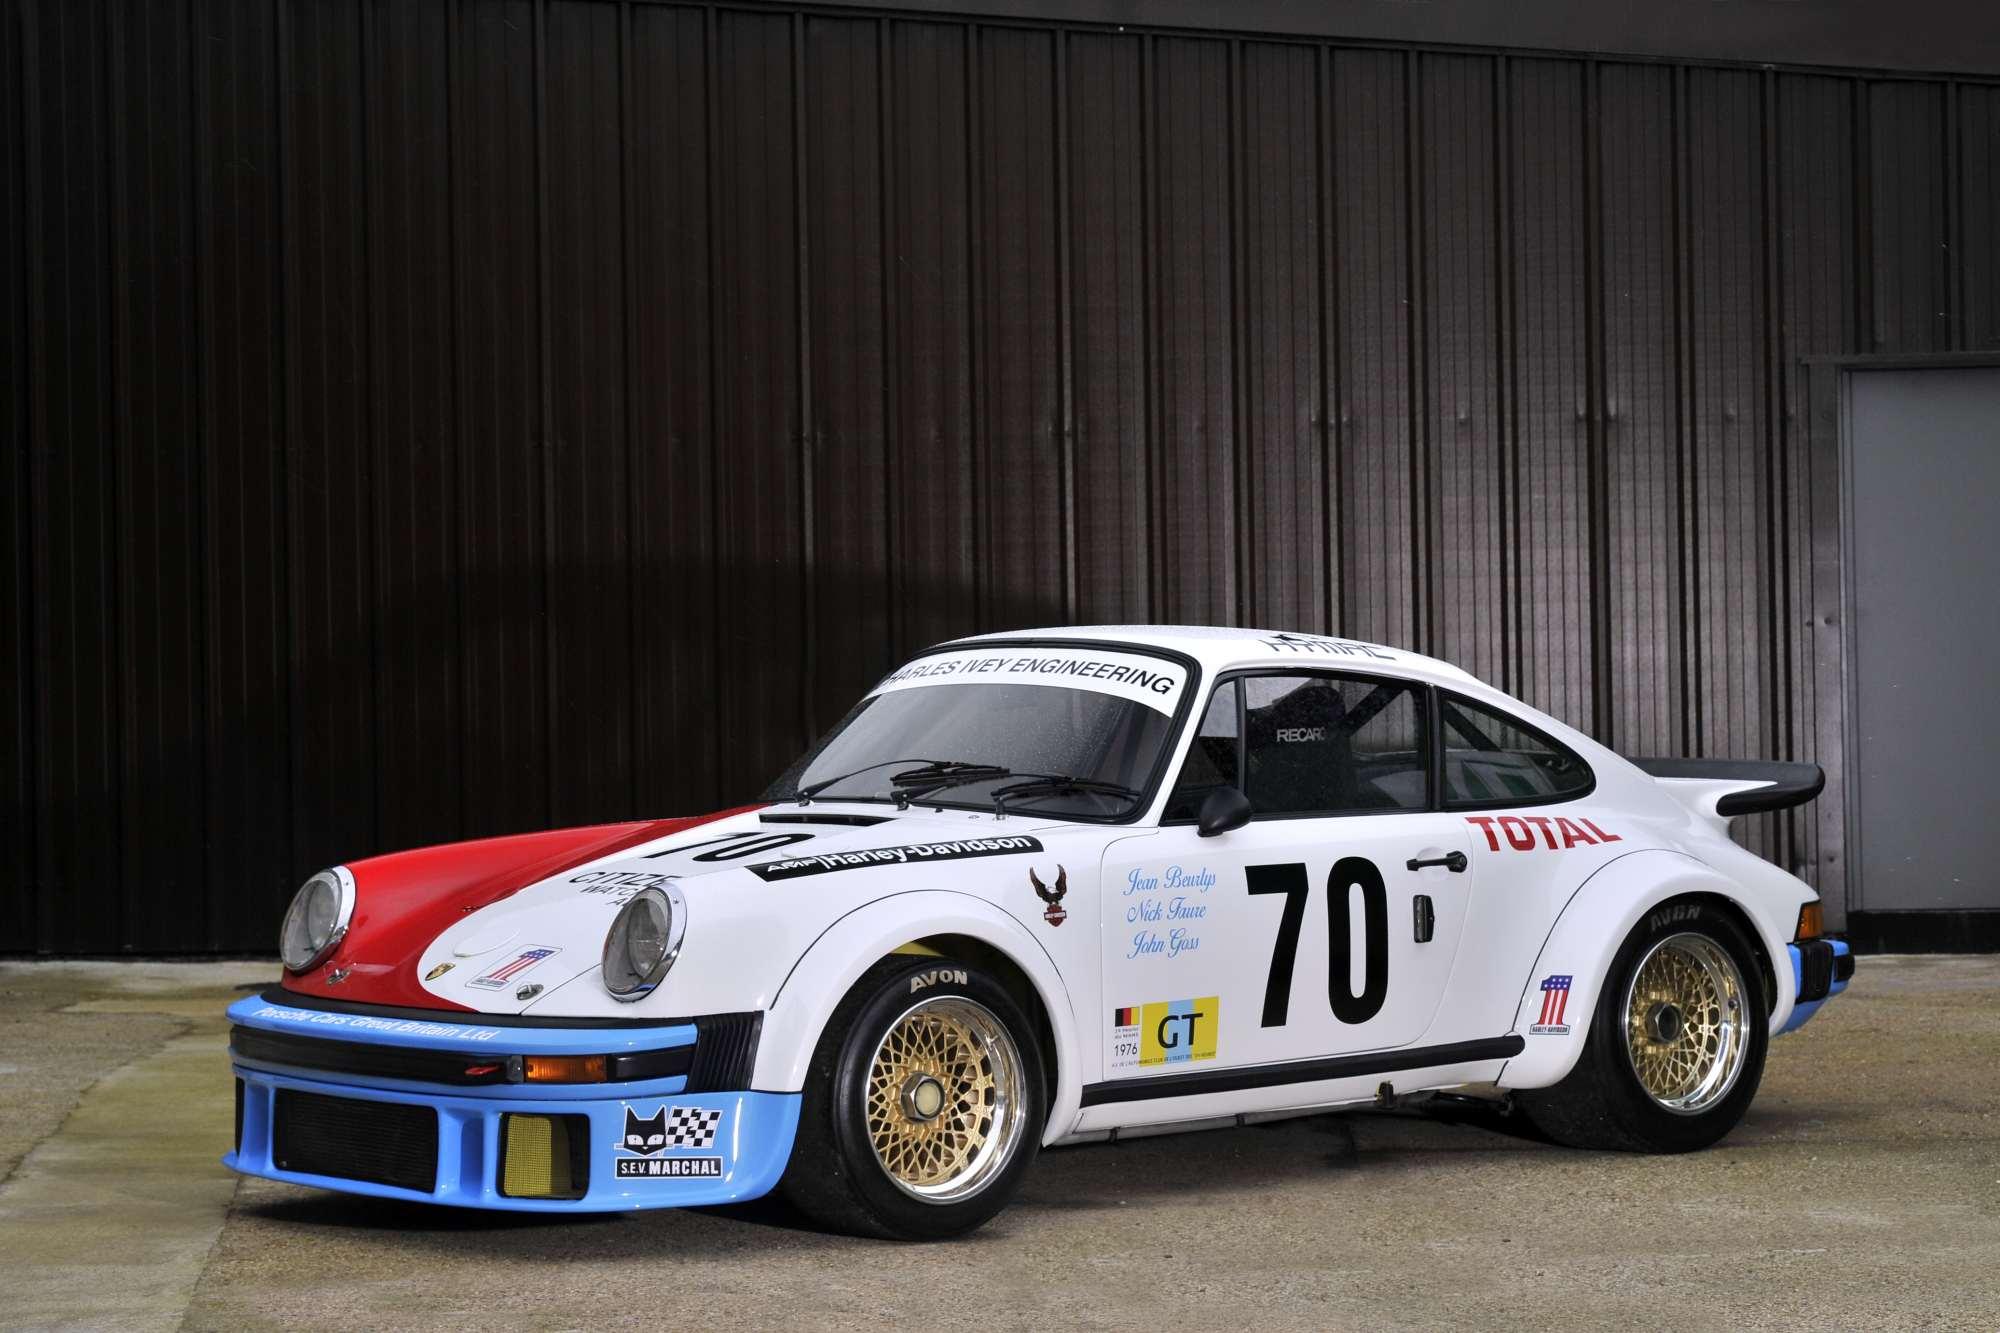 Porsche 934 turbo rsr for sale